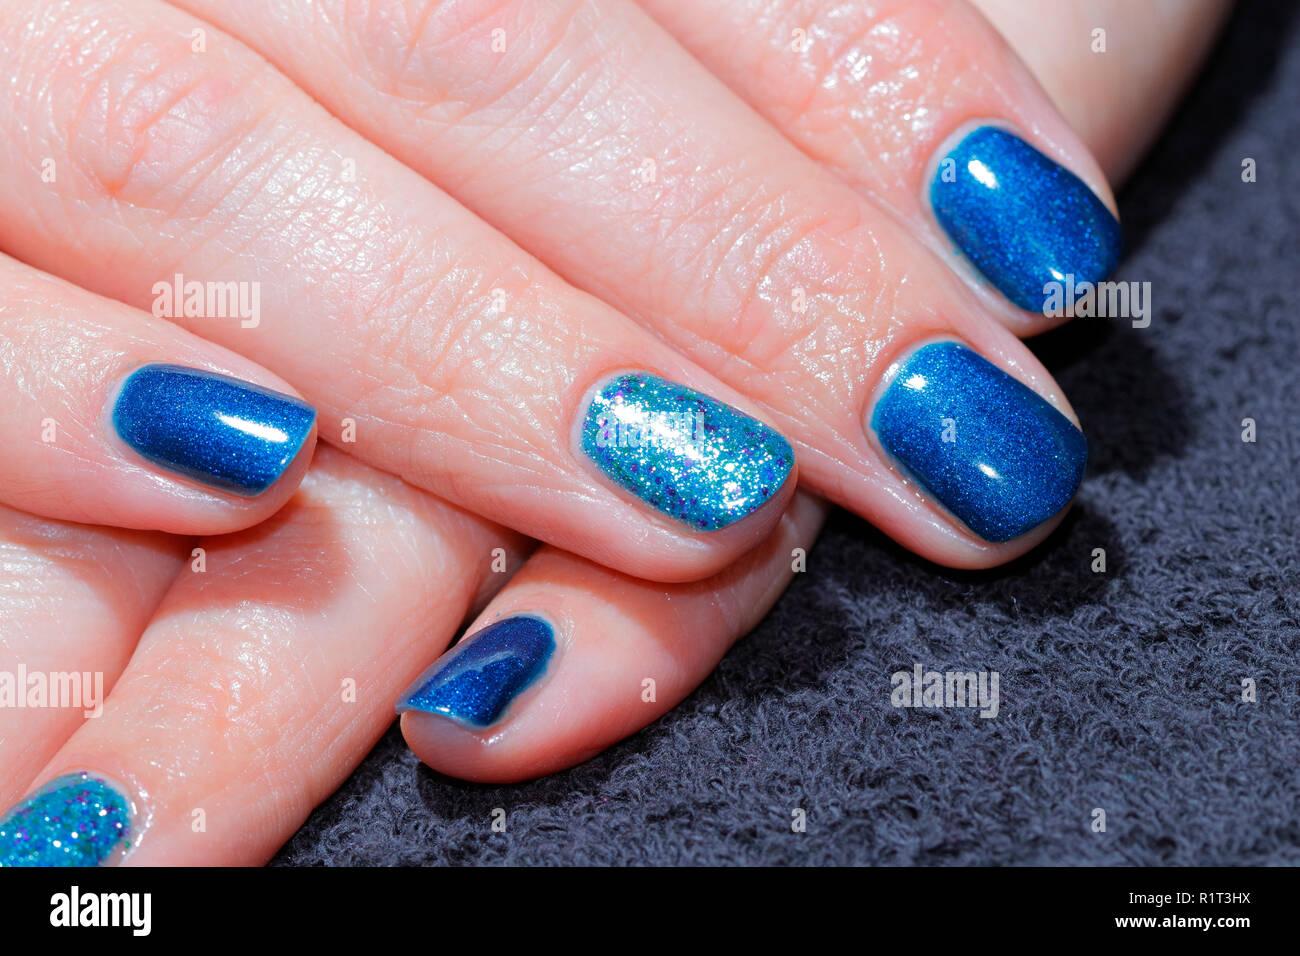 Blu scintillanti glittery unghie dopo appena essendo applicato in una manicure. Immagini Stock